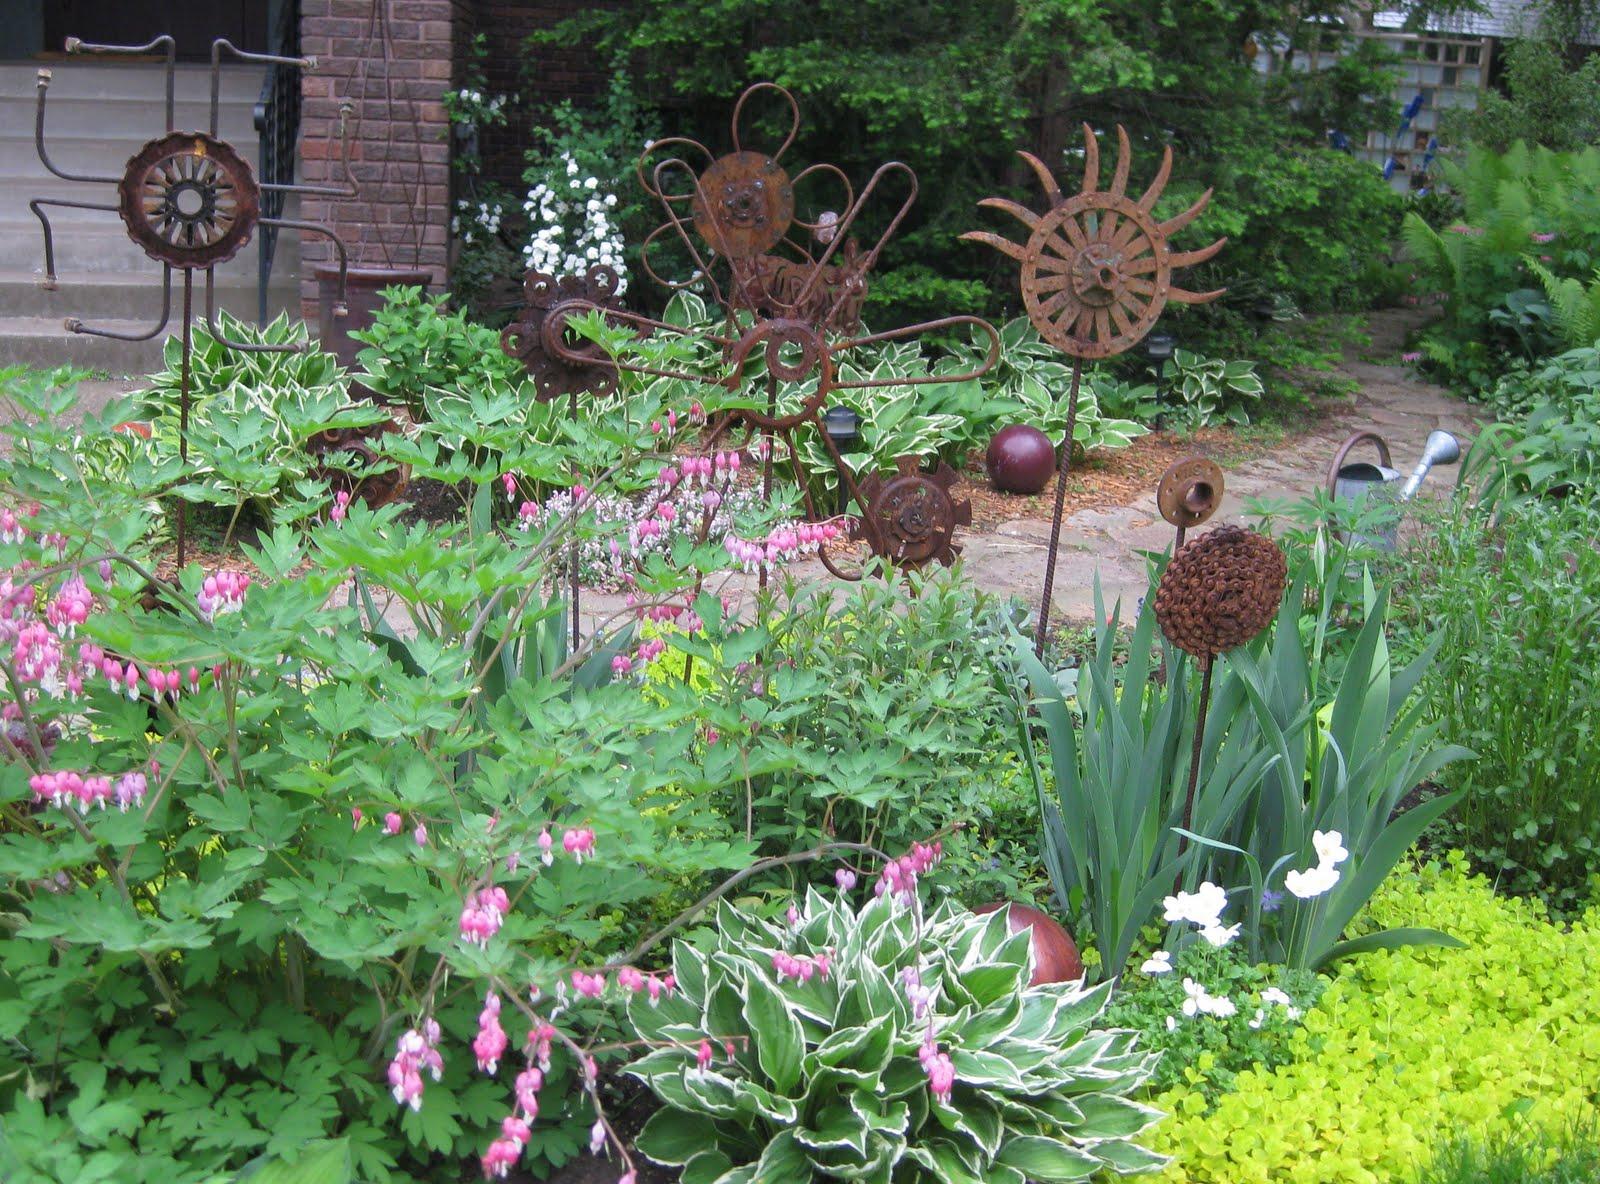 Carol S Garden: Next Door Laura: Carol's Garden